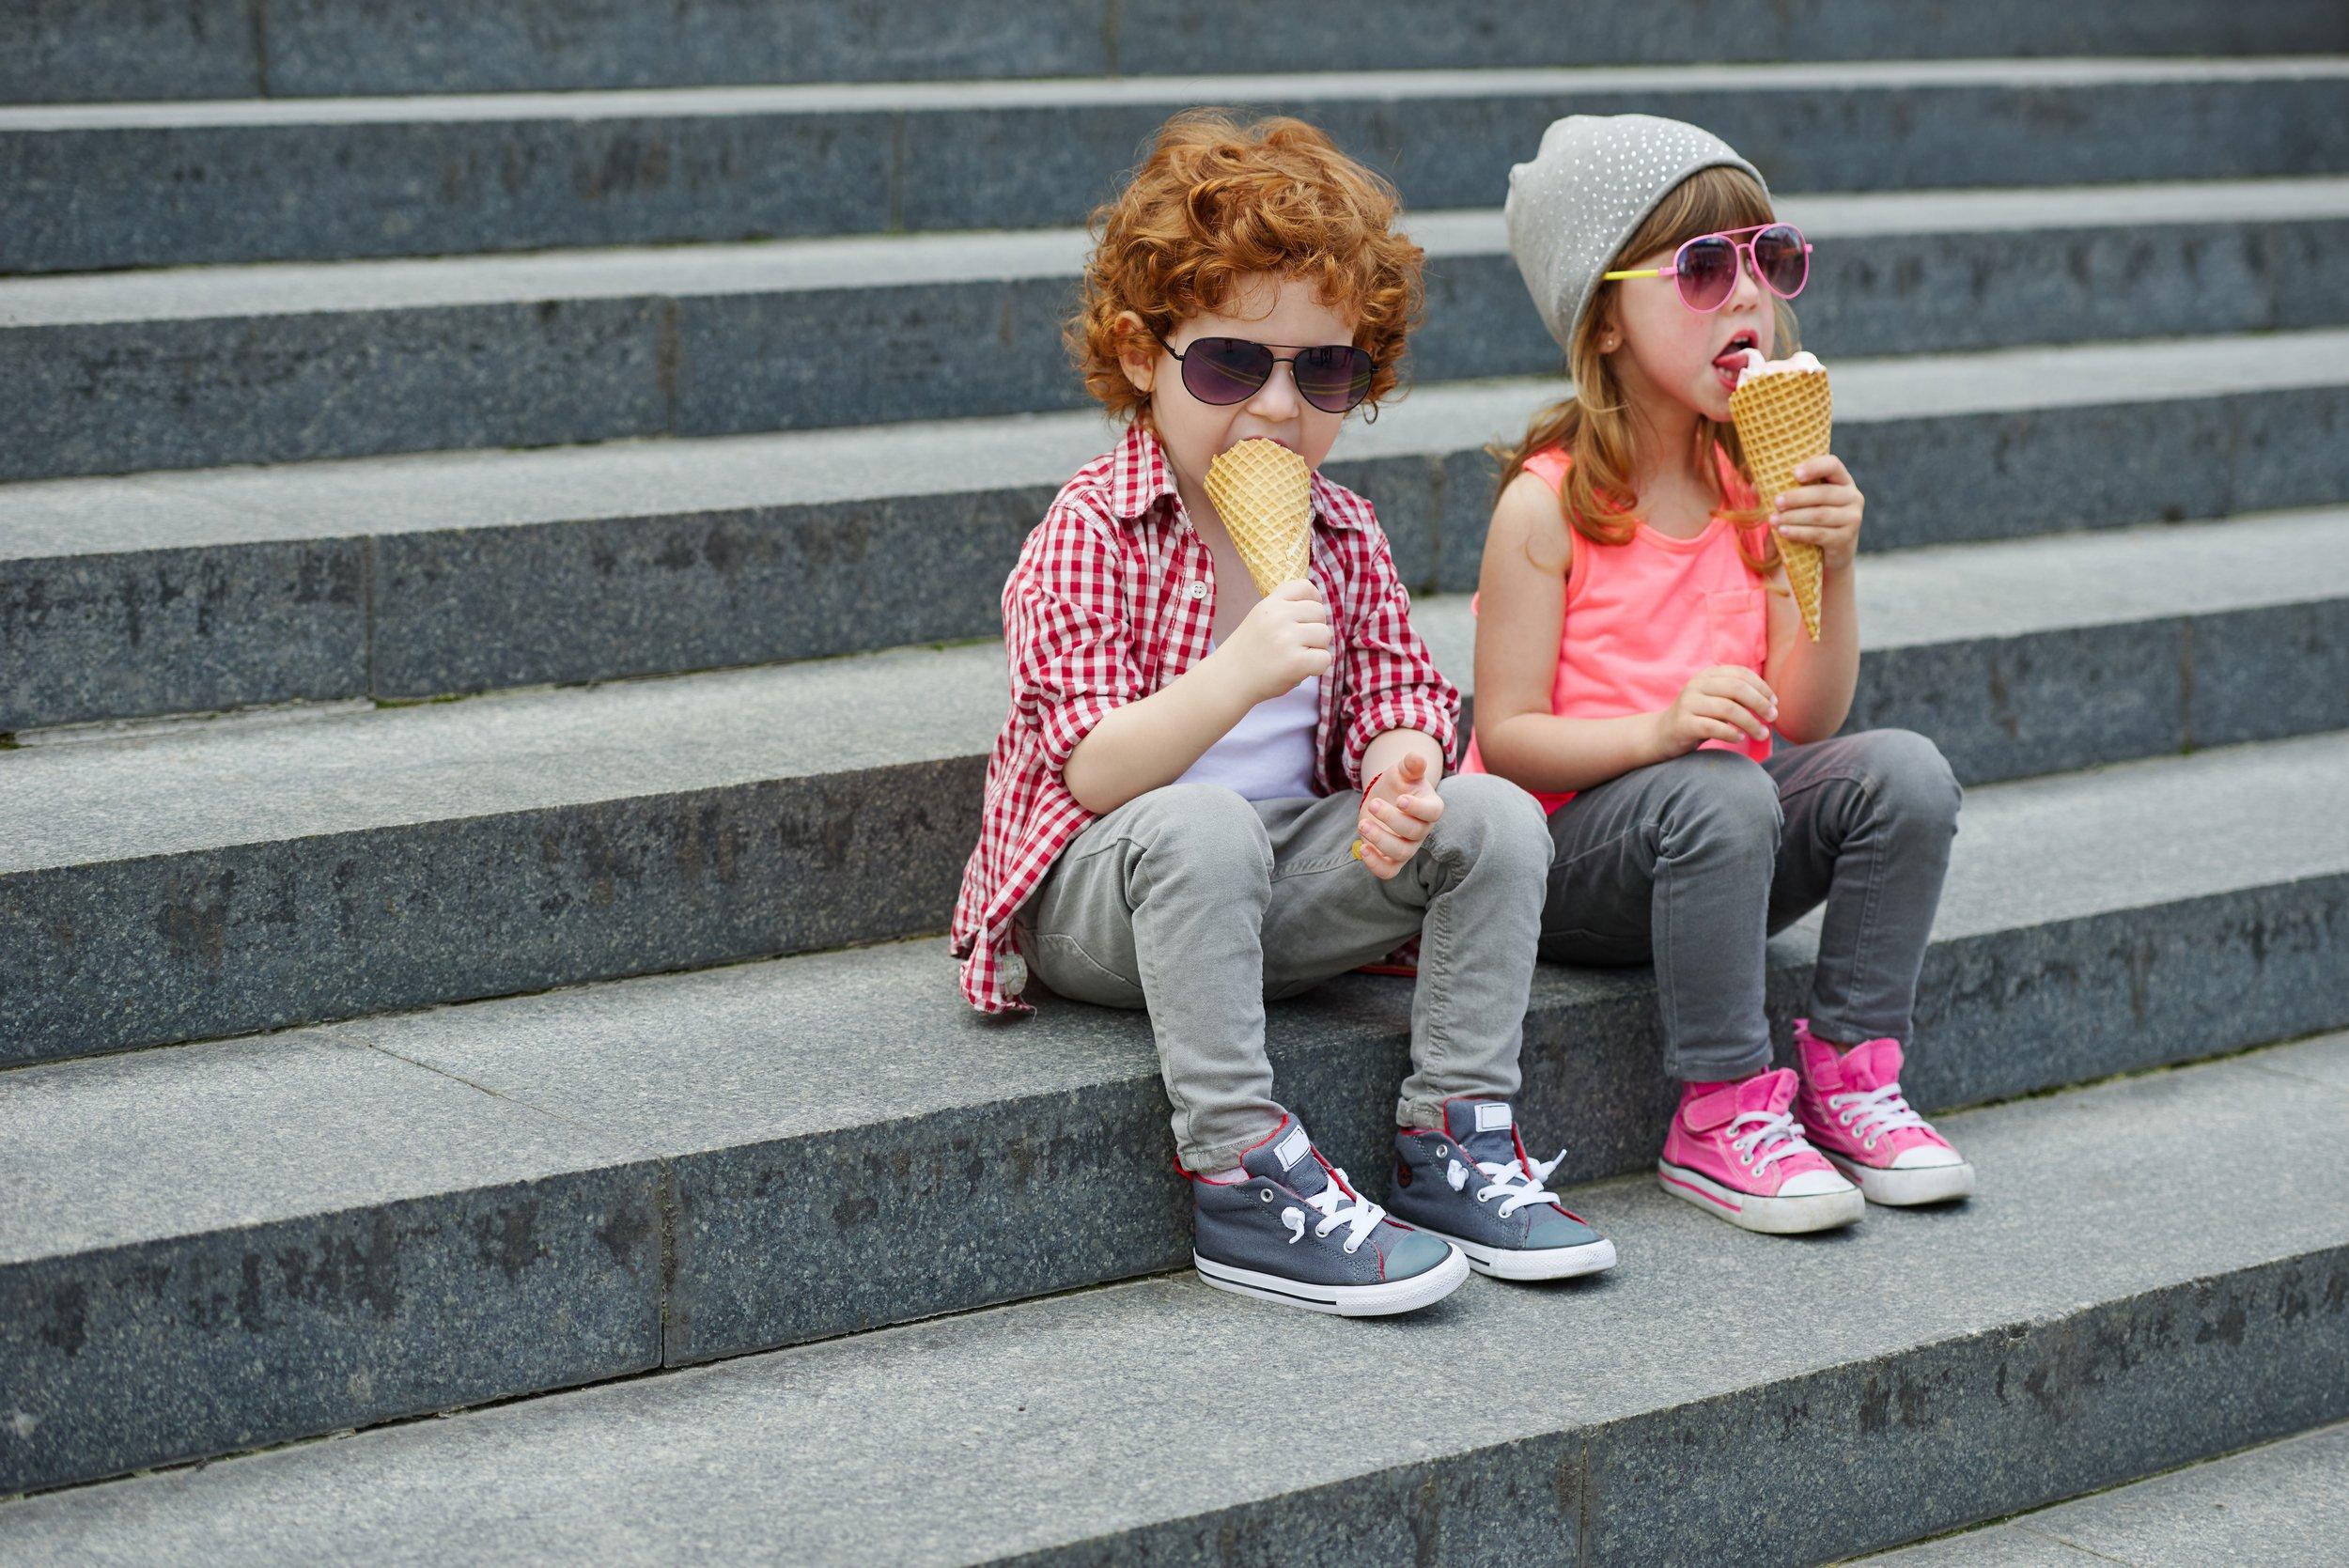 Sladoledni vrt | Šiška | Supernova